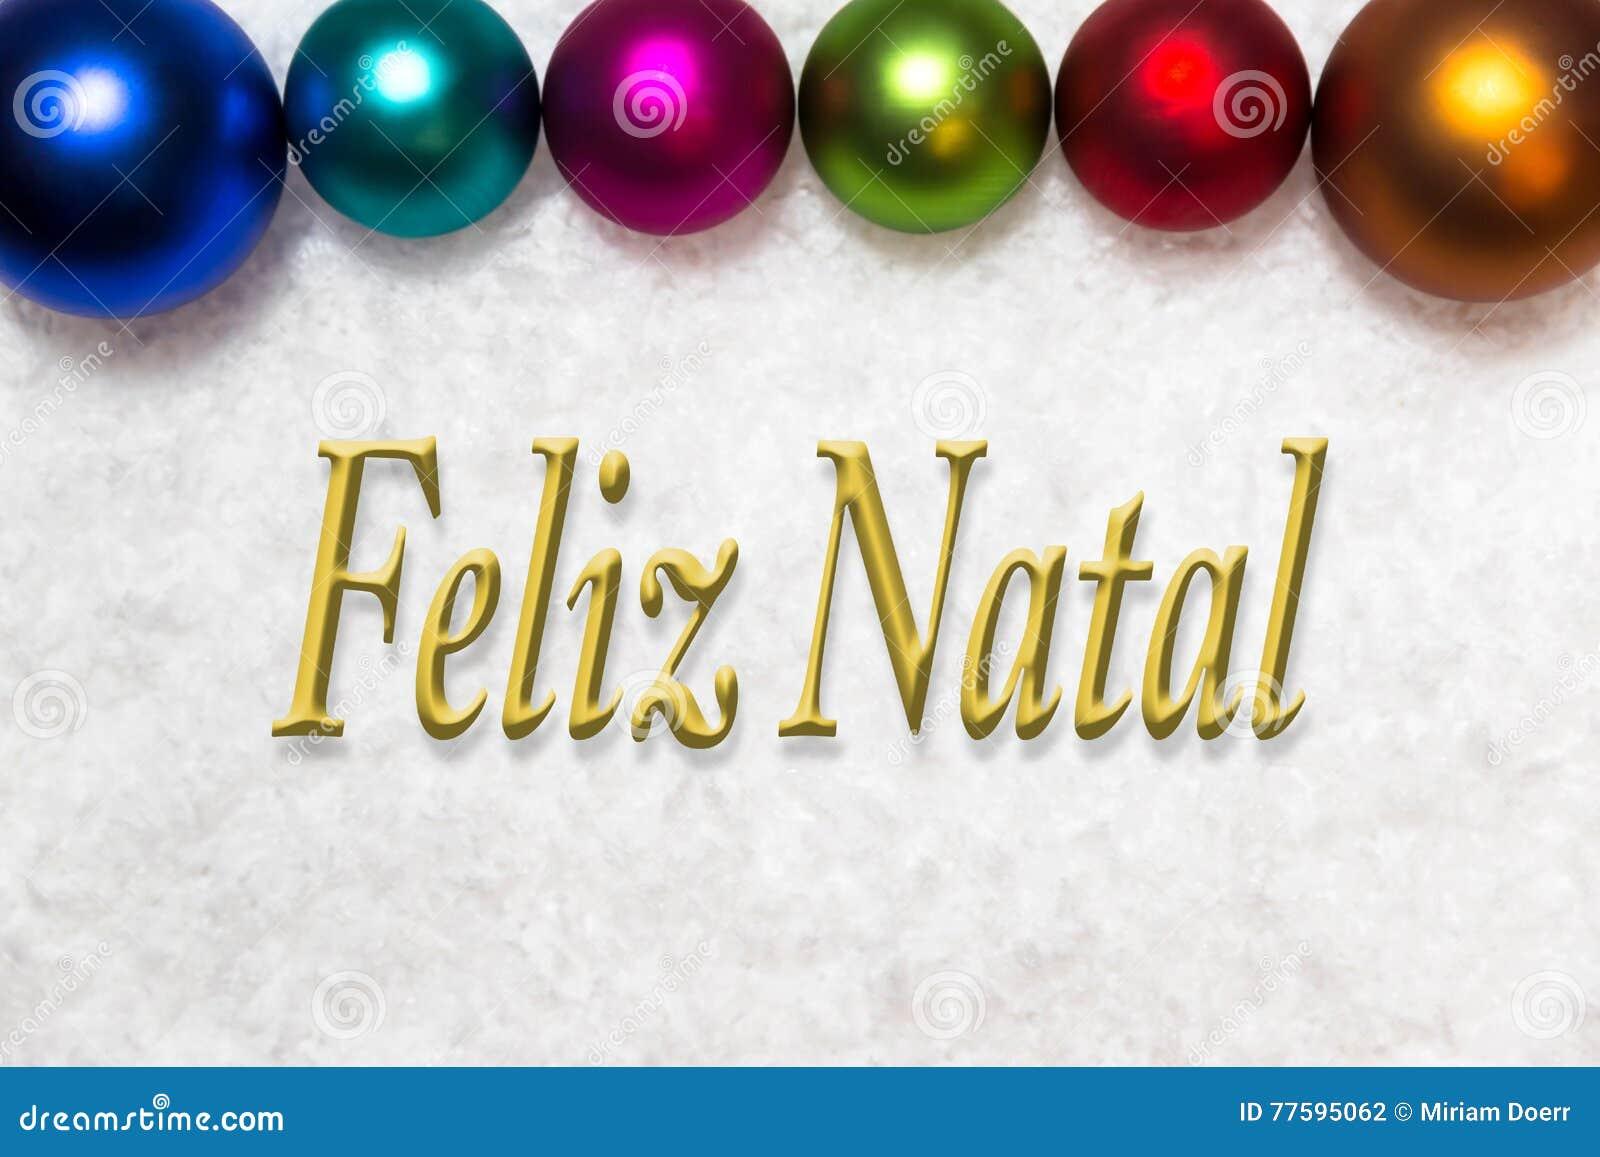 Buon Natale Que Significa.Palle Variopinte Nella Neve Parole Portoghesi Ch Allegro Di Natale